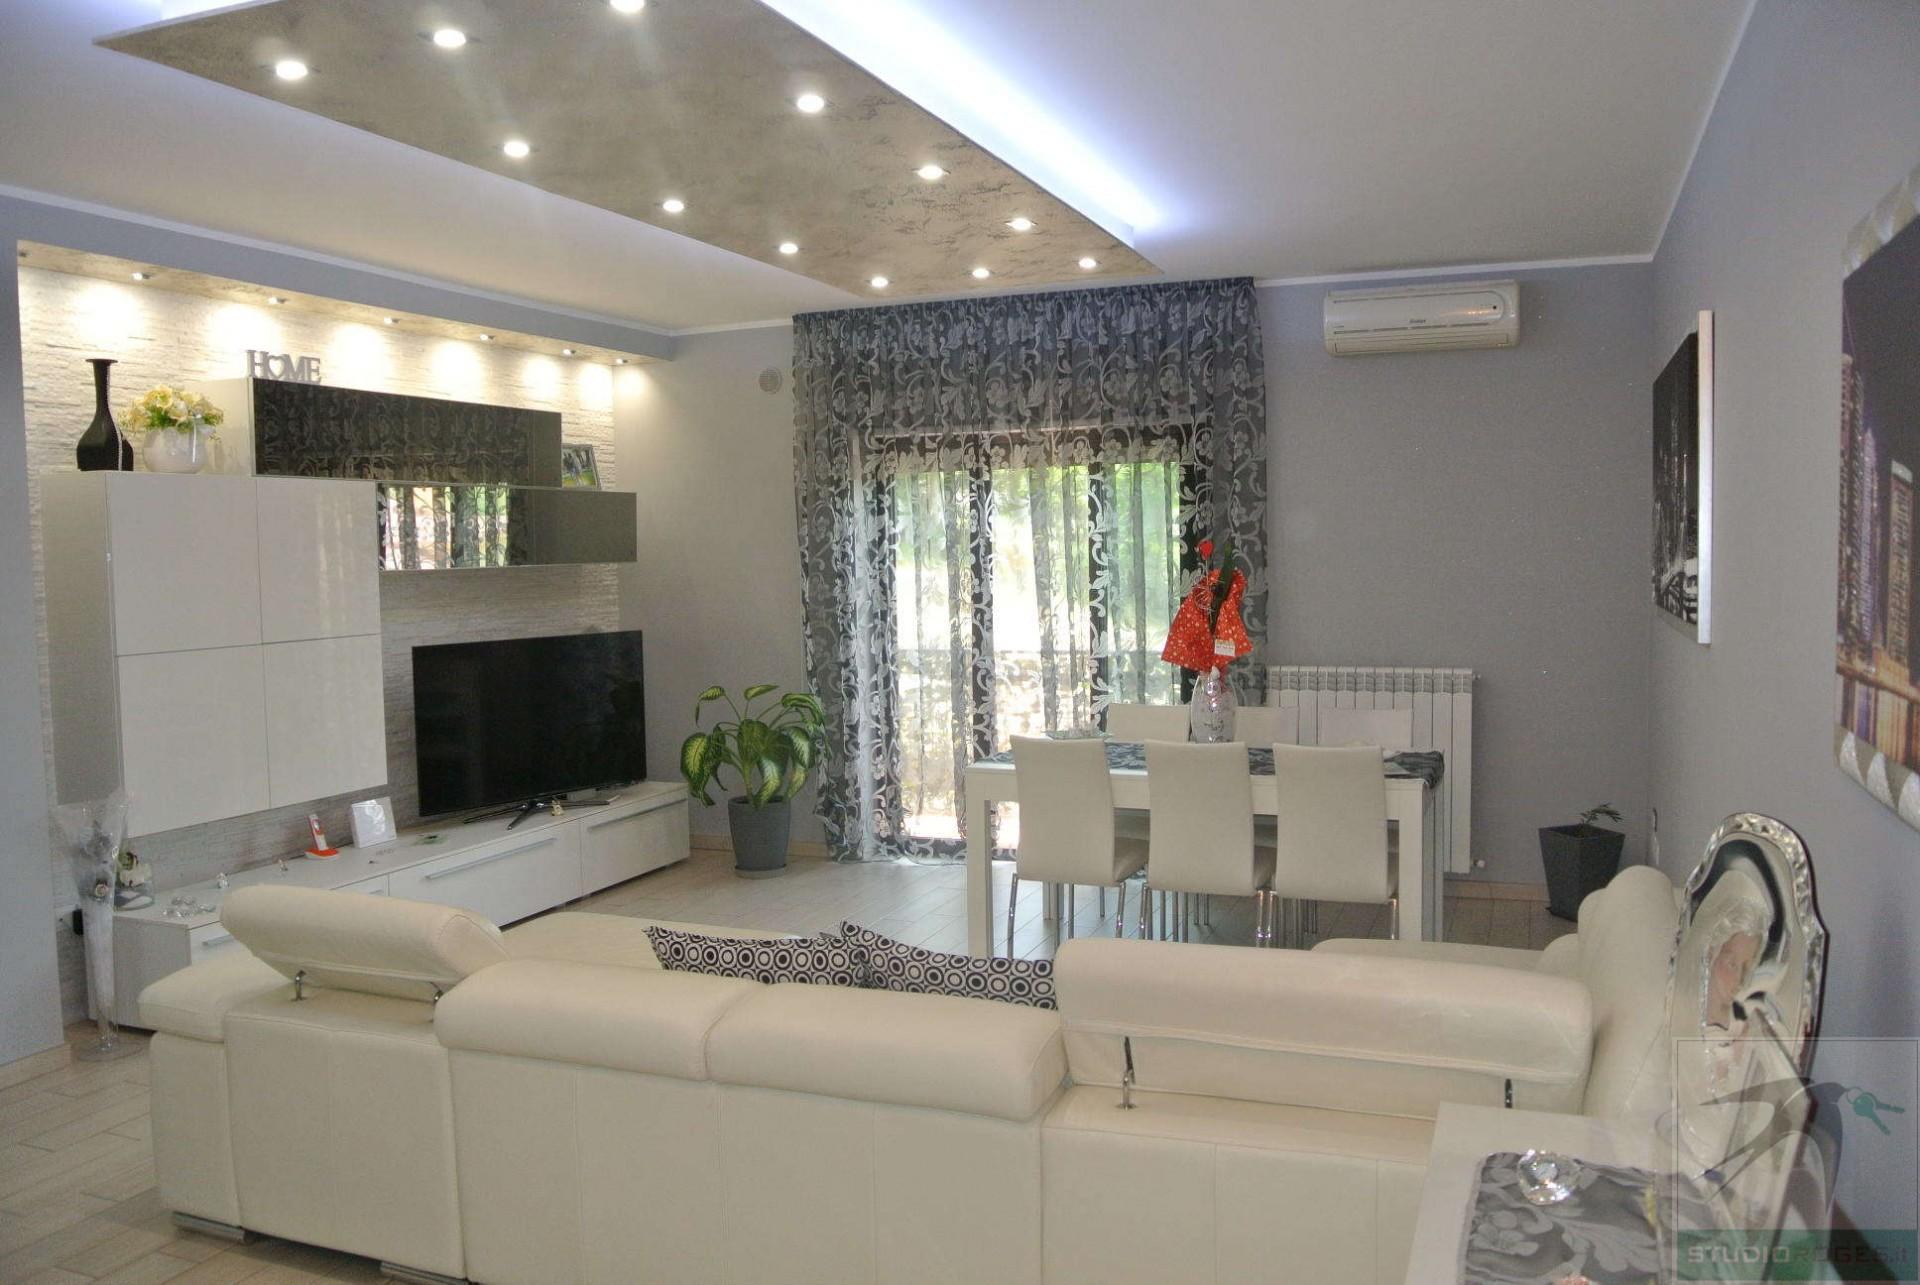 Appartamento in Vendita 109,63 mq - N. camere: 3 - - Zumpano - Zumpano (CS)